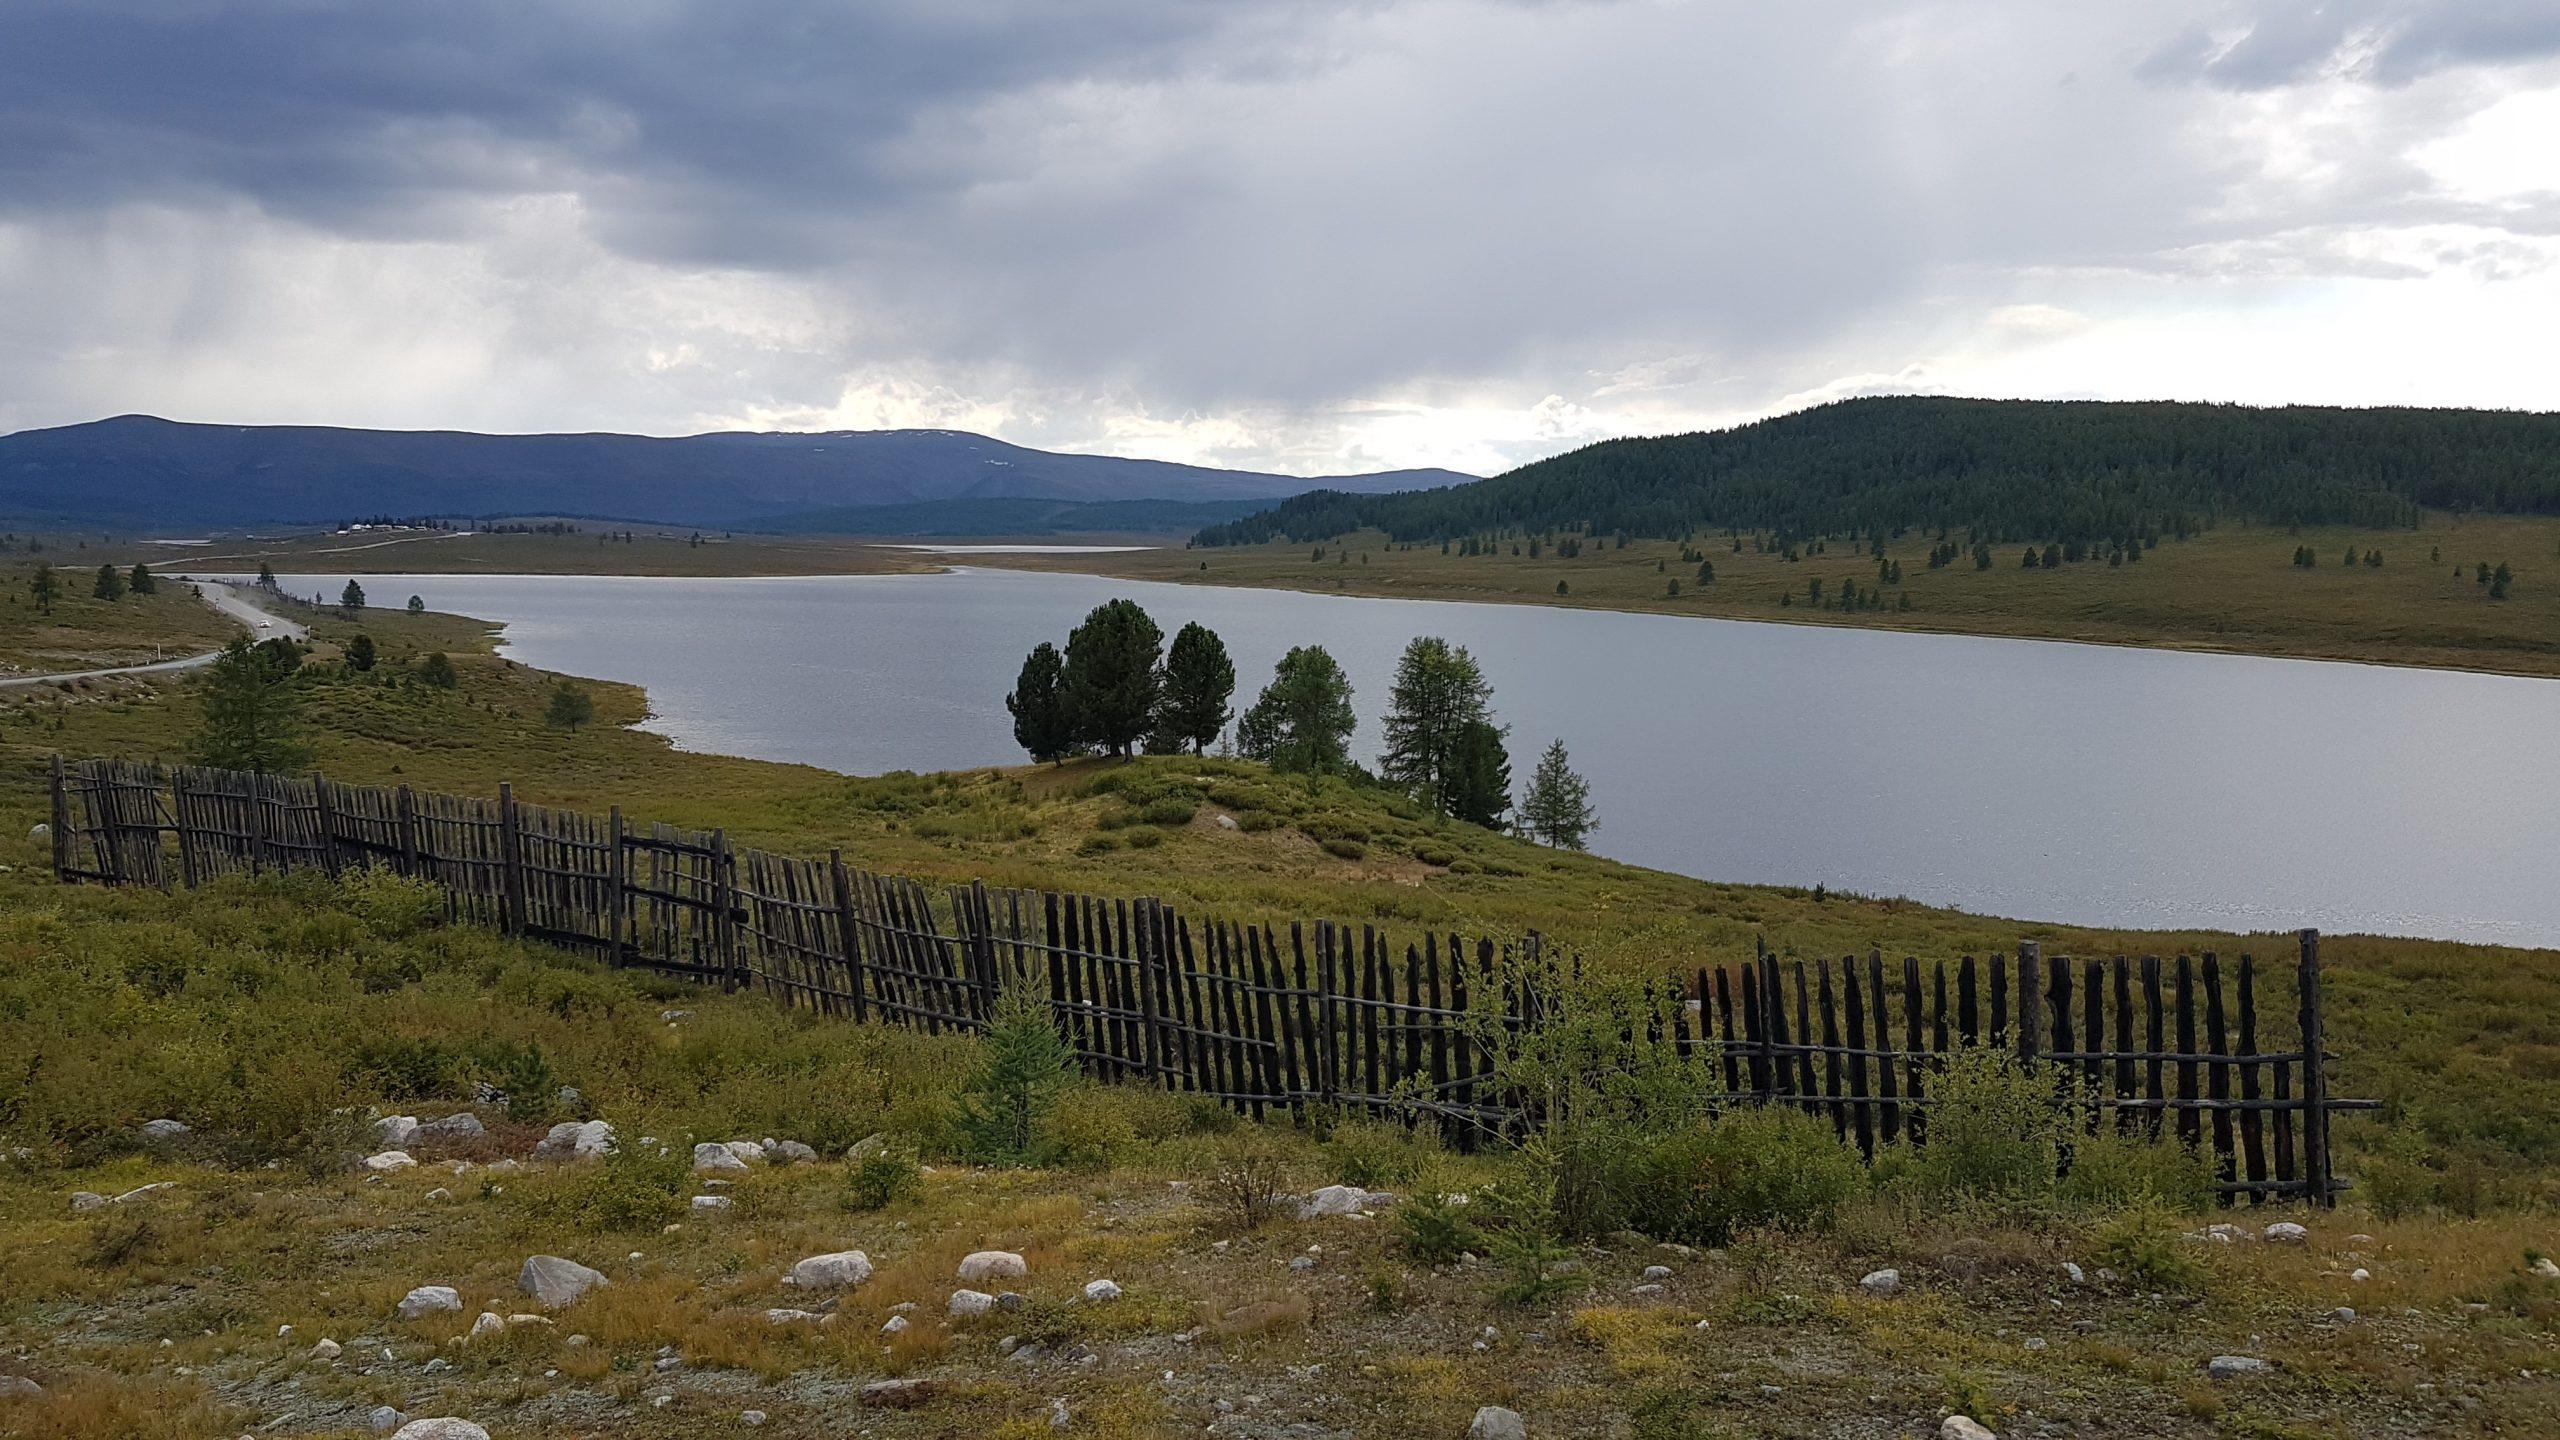 24 et 25 août : Incursion dans l'Altaï